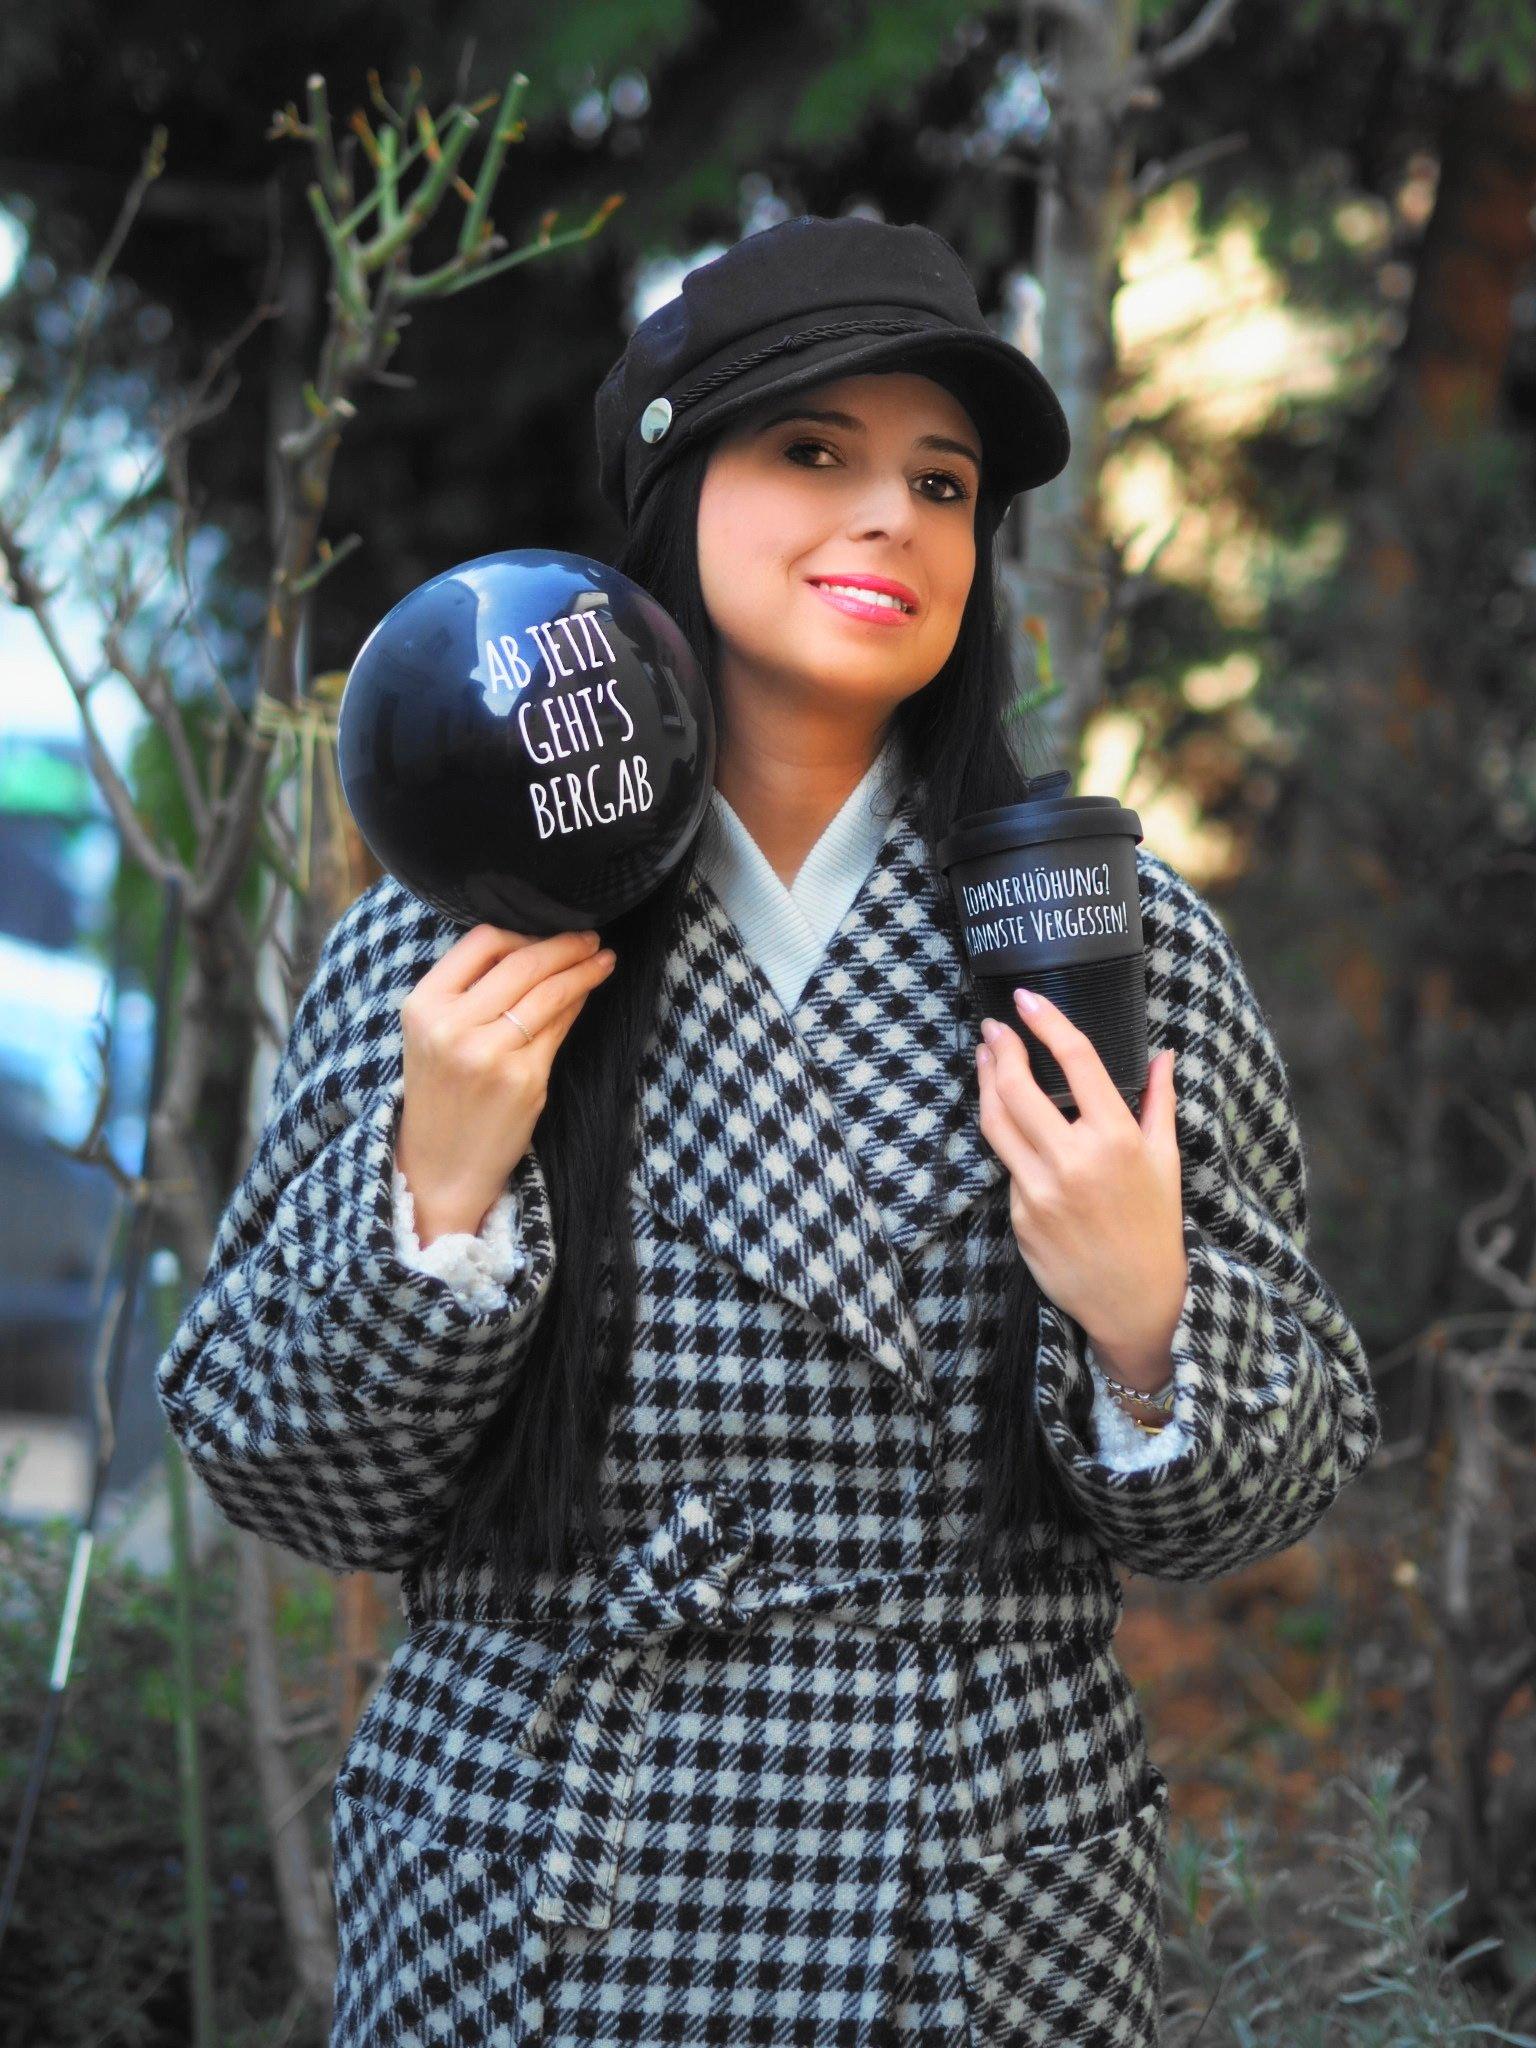 Heute stelle ich euch auf meinem Blog die kultige Marke Pechkeks etwas näher vor und zeige einige coole Produkte mit ganz viel schwarzem Humor und Sarkasmus